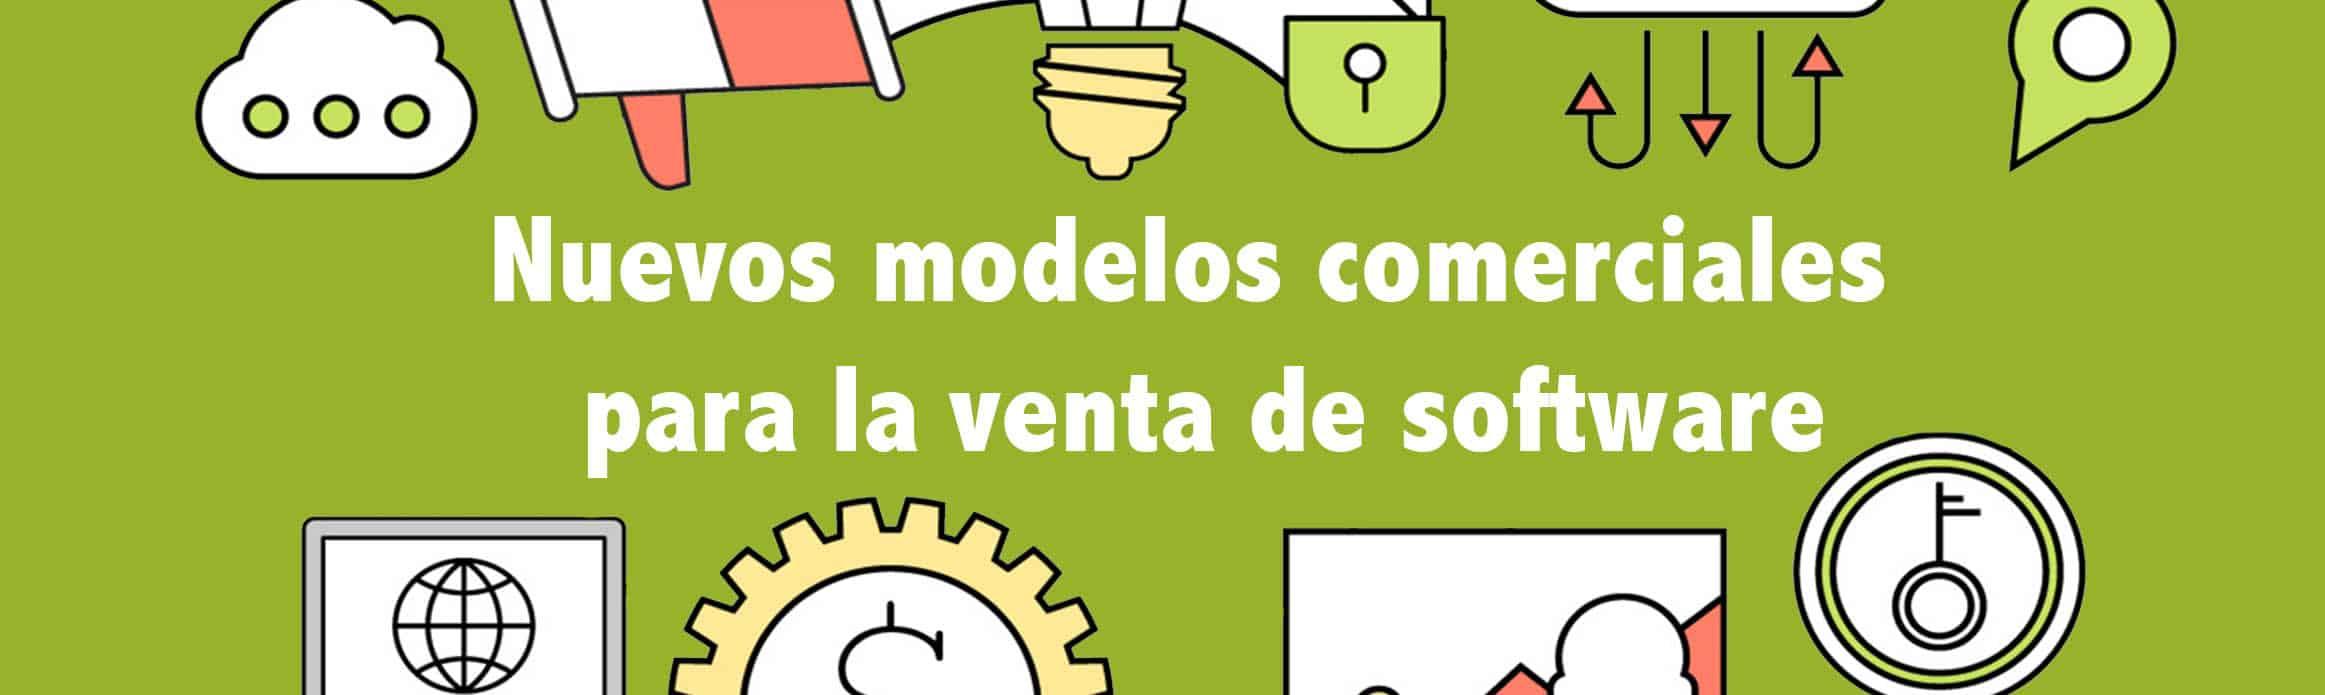 modelos comerciales